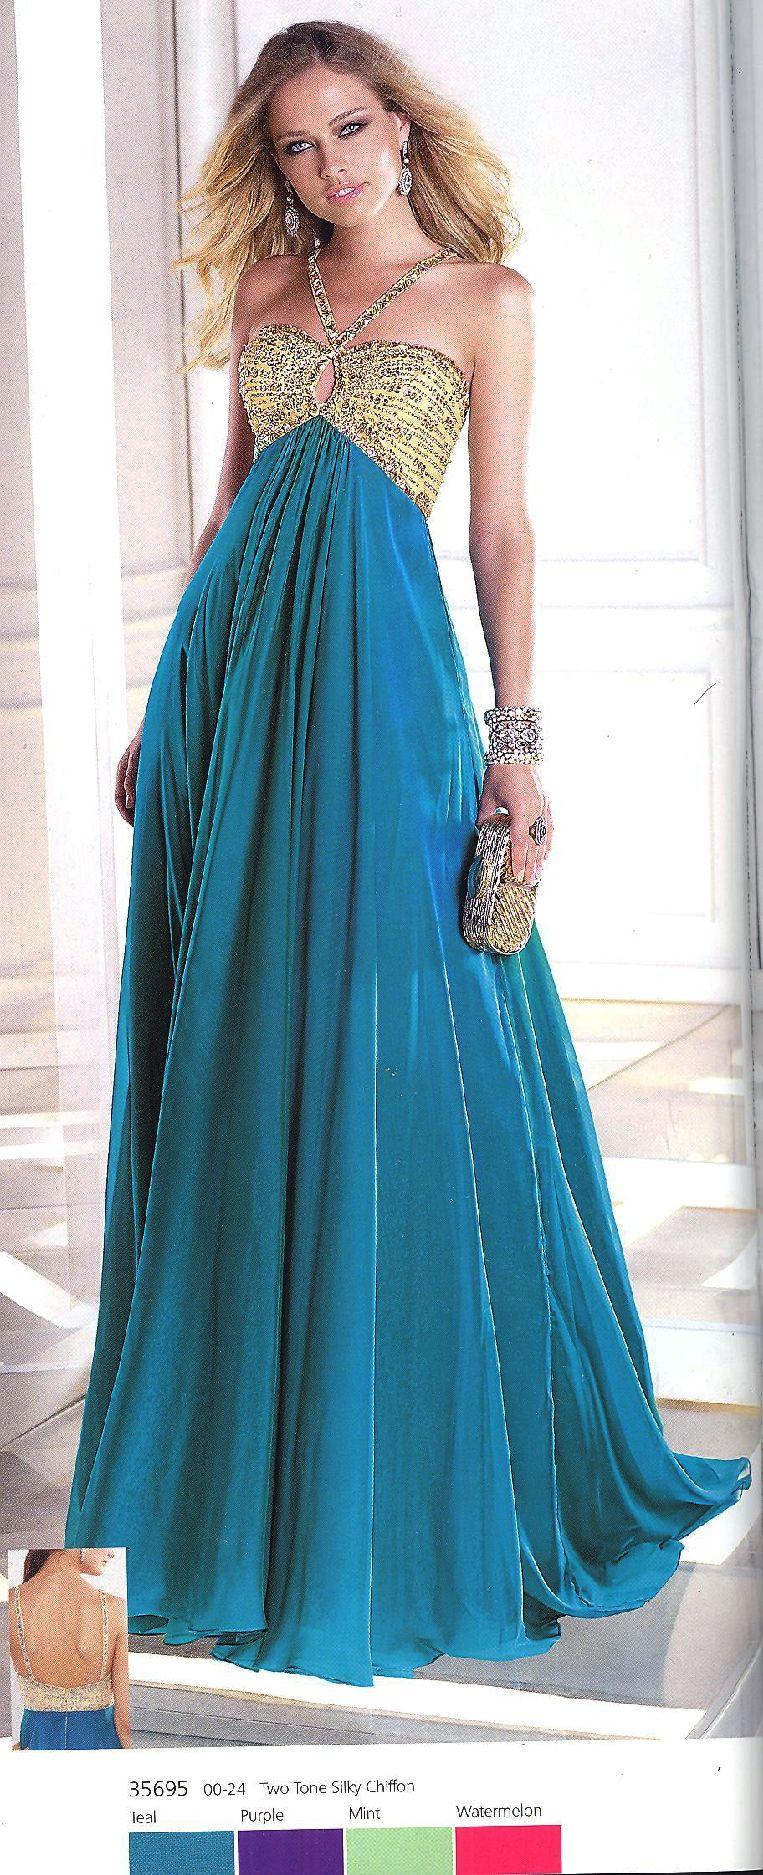 Budazzle prom dresses by alyce parisucbrueucbruefloor length